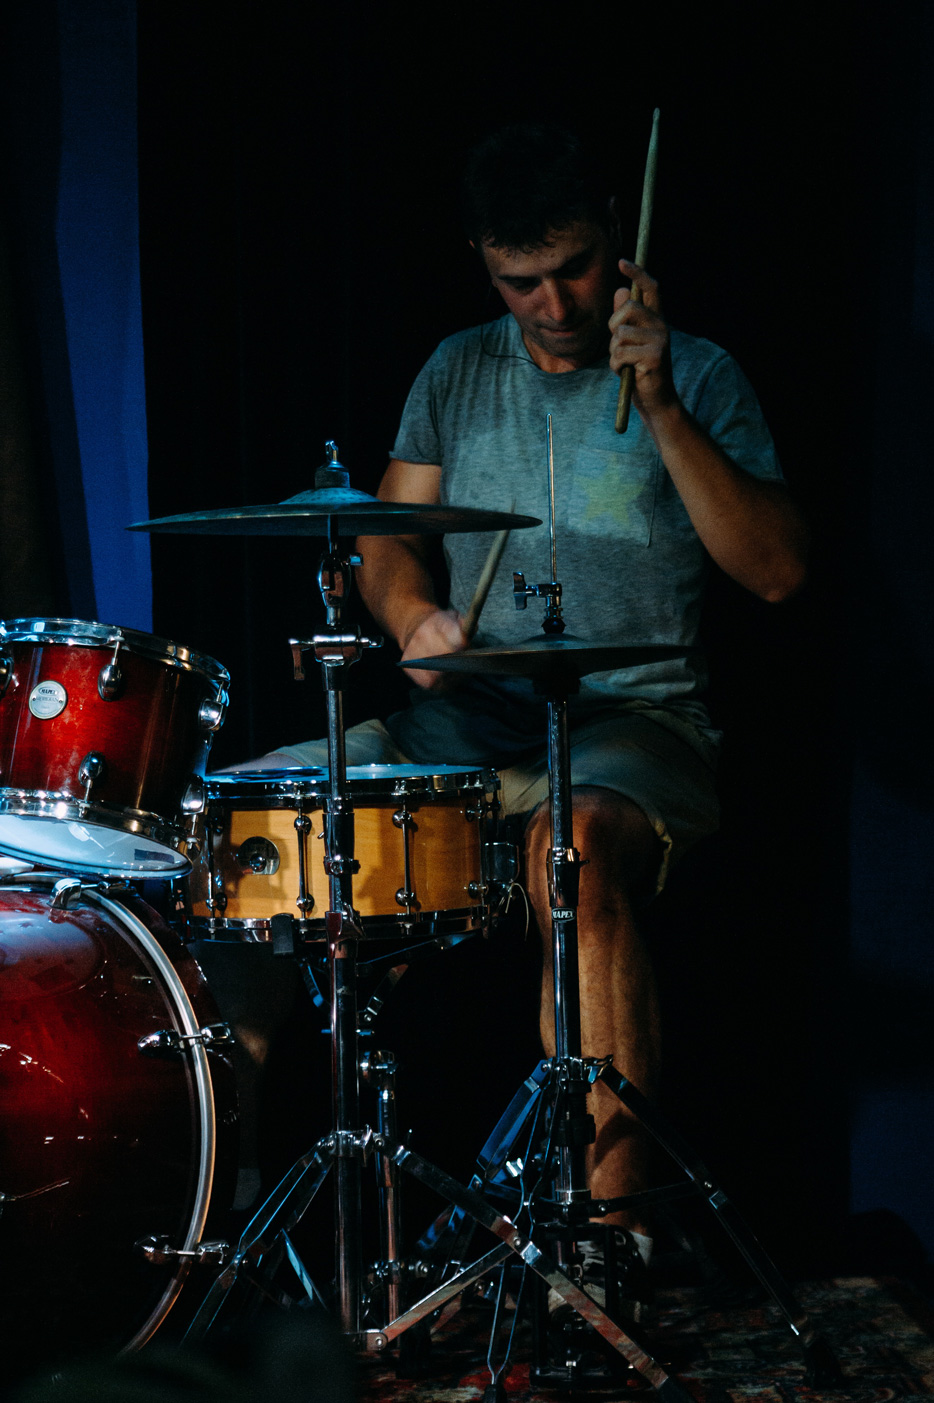 Концертная фотография барабанщик